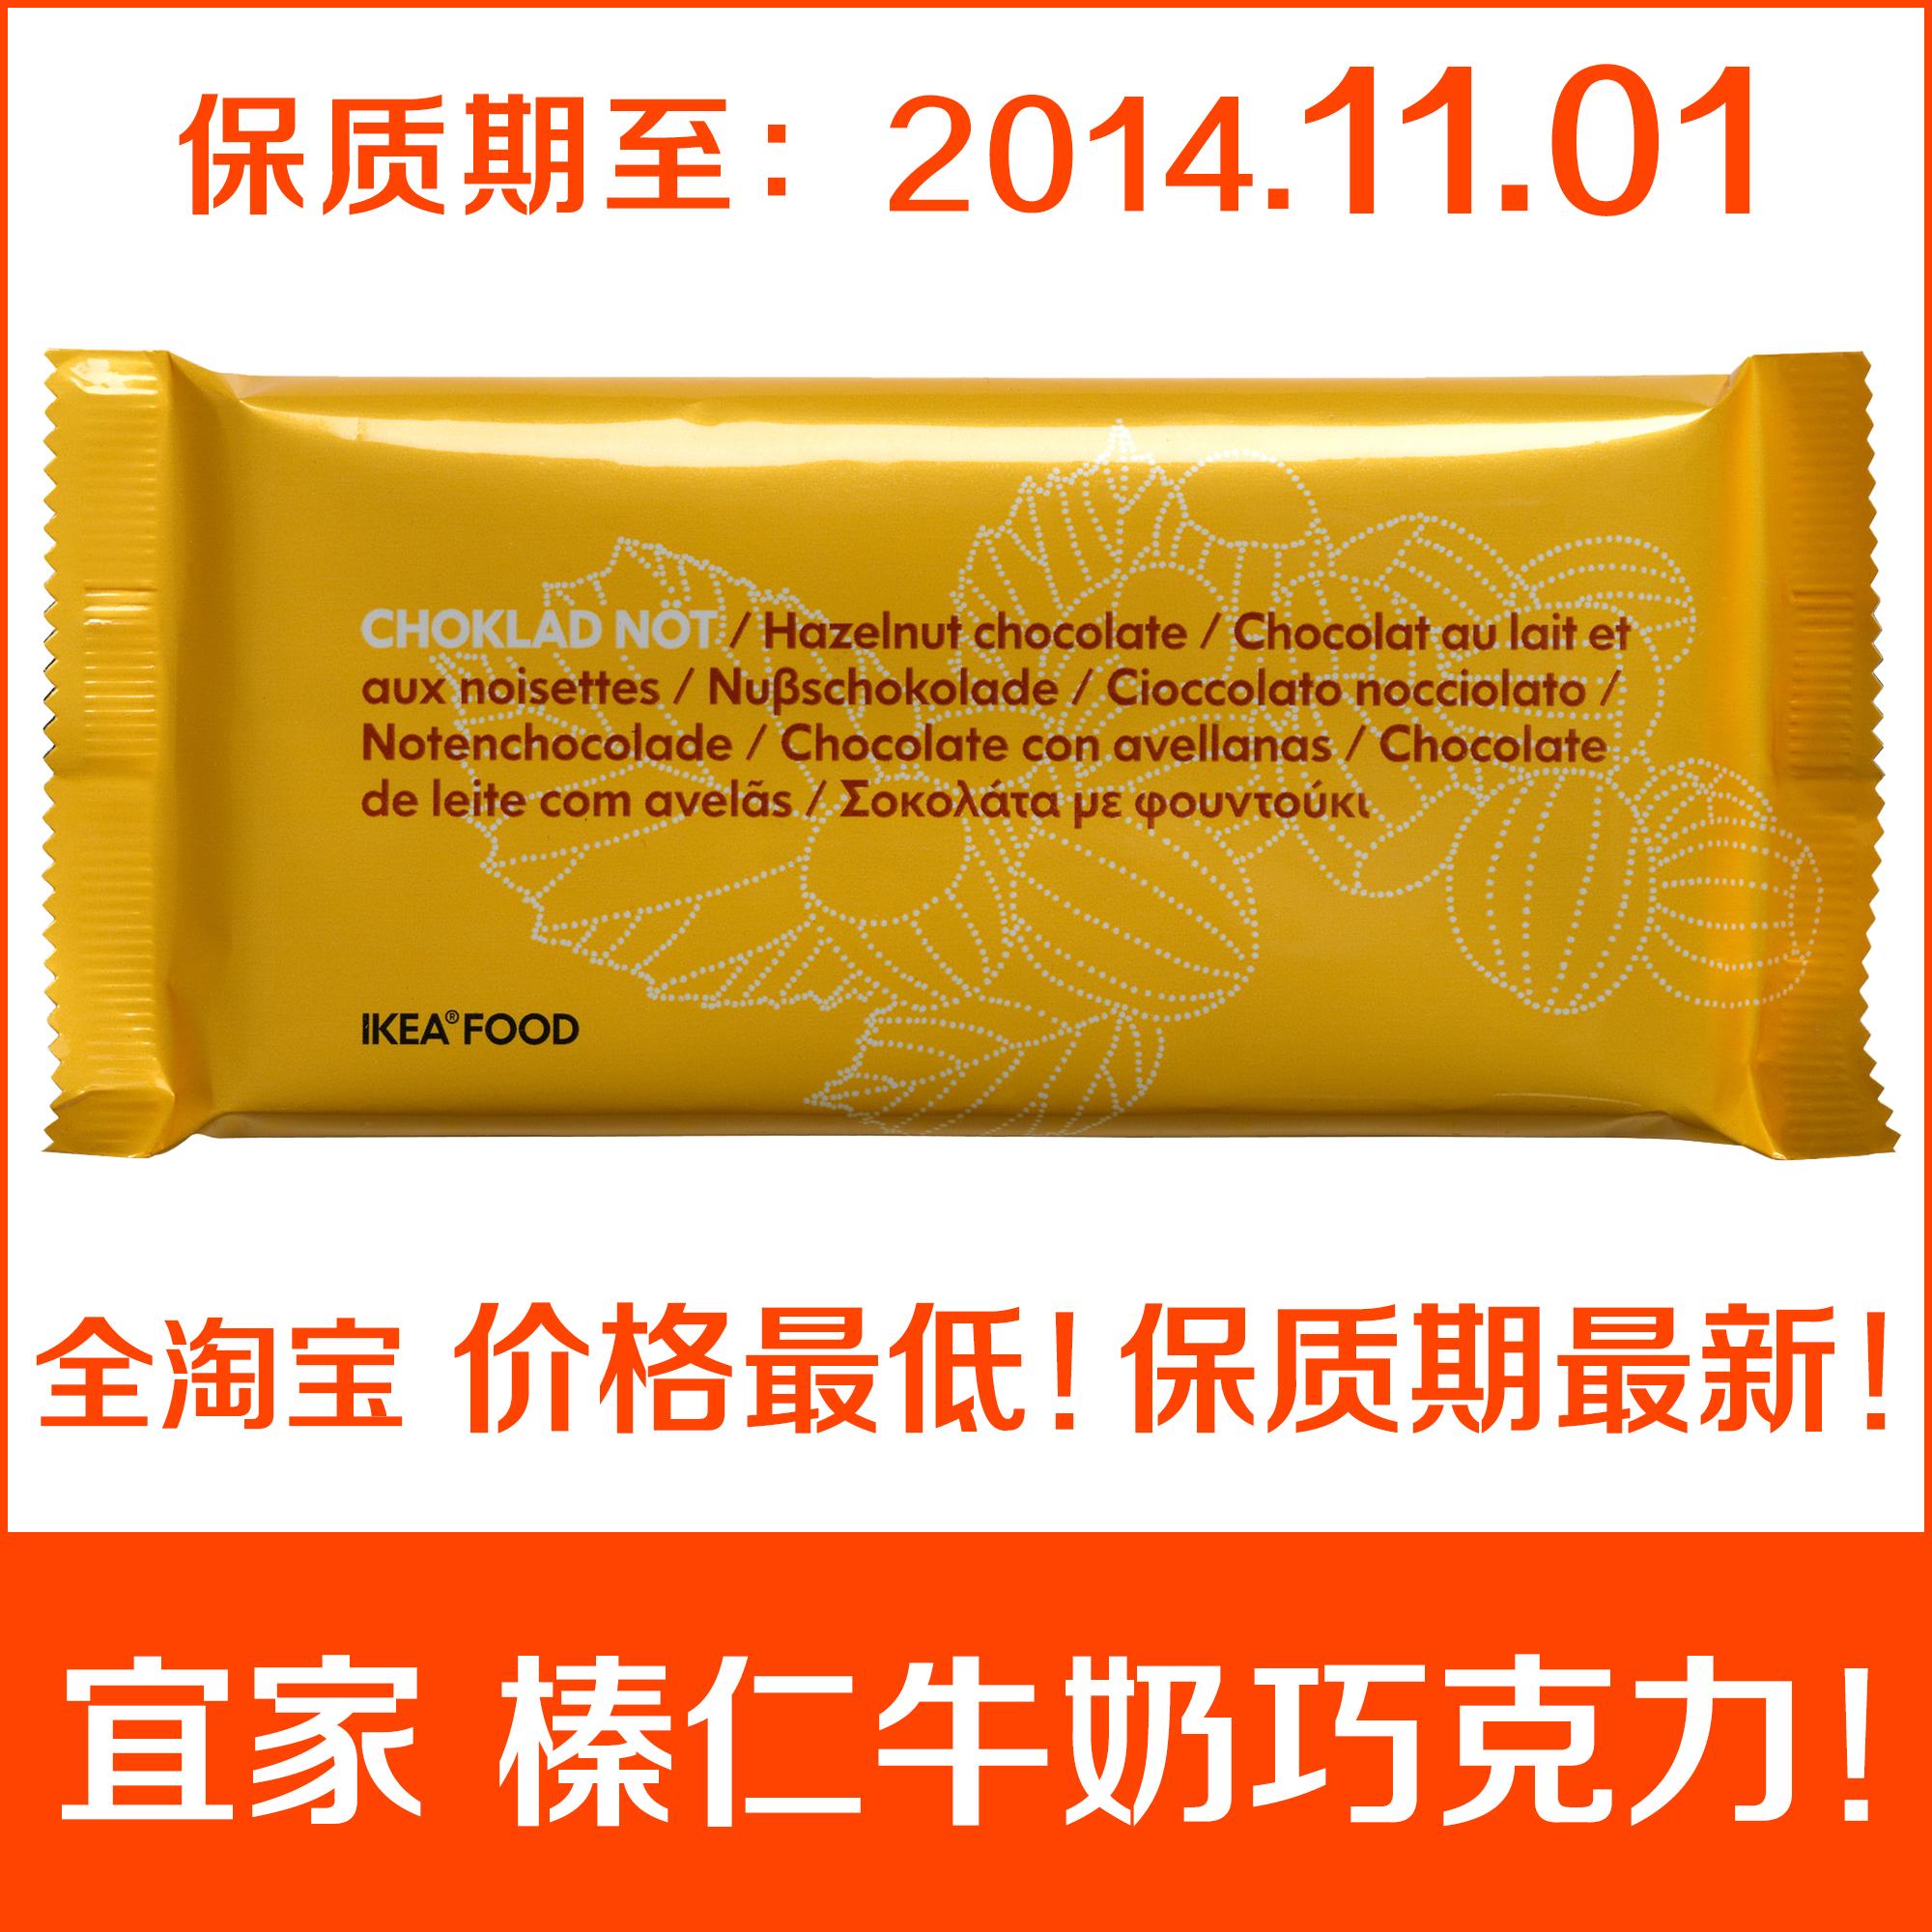 特价!宜家进口巧克力排 榛仁牛奶巧克力100克 IKEA瑞典食品代购